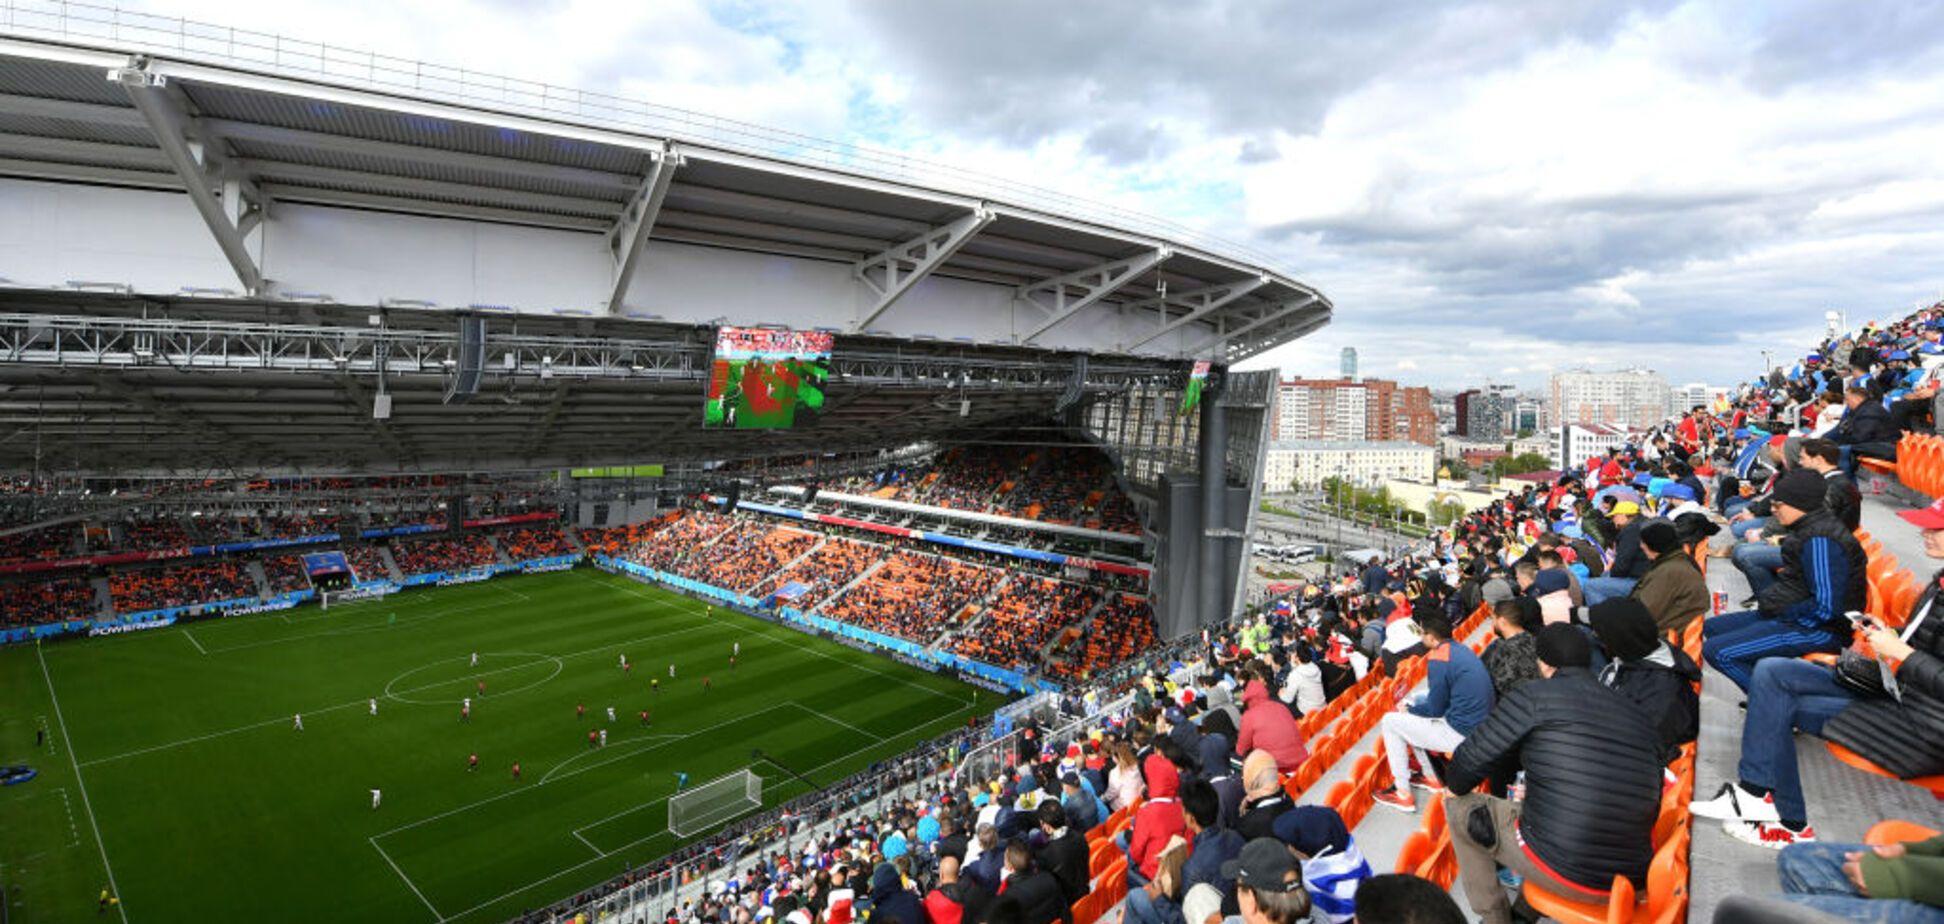 'Это провал, ребята': в сети загнобили матч ЧМ-2018 для 'нищих россиян'